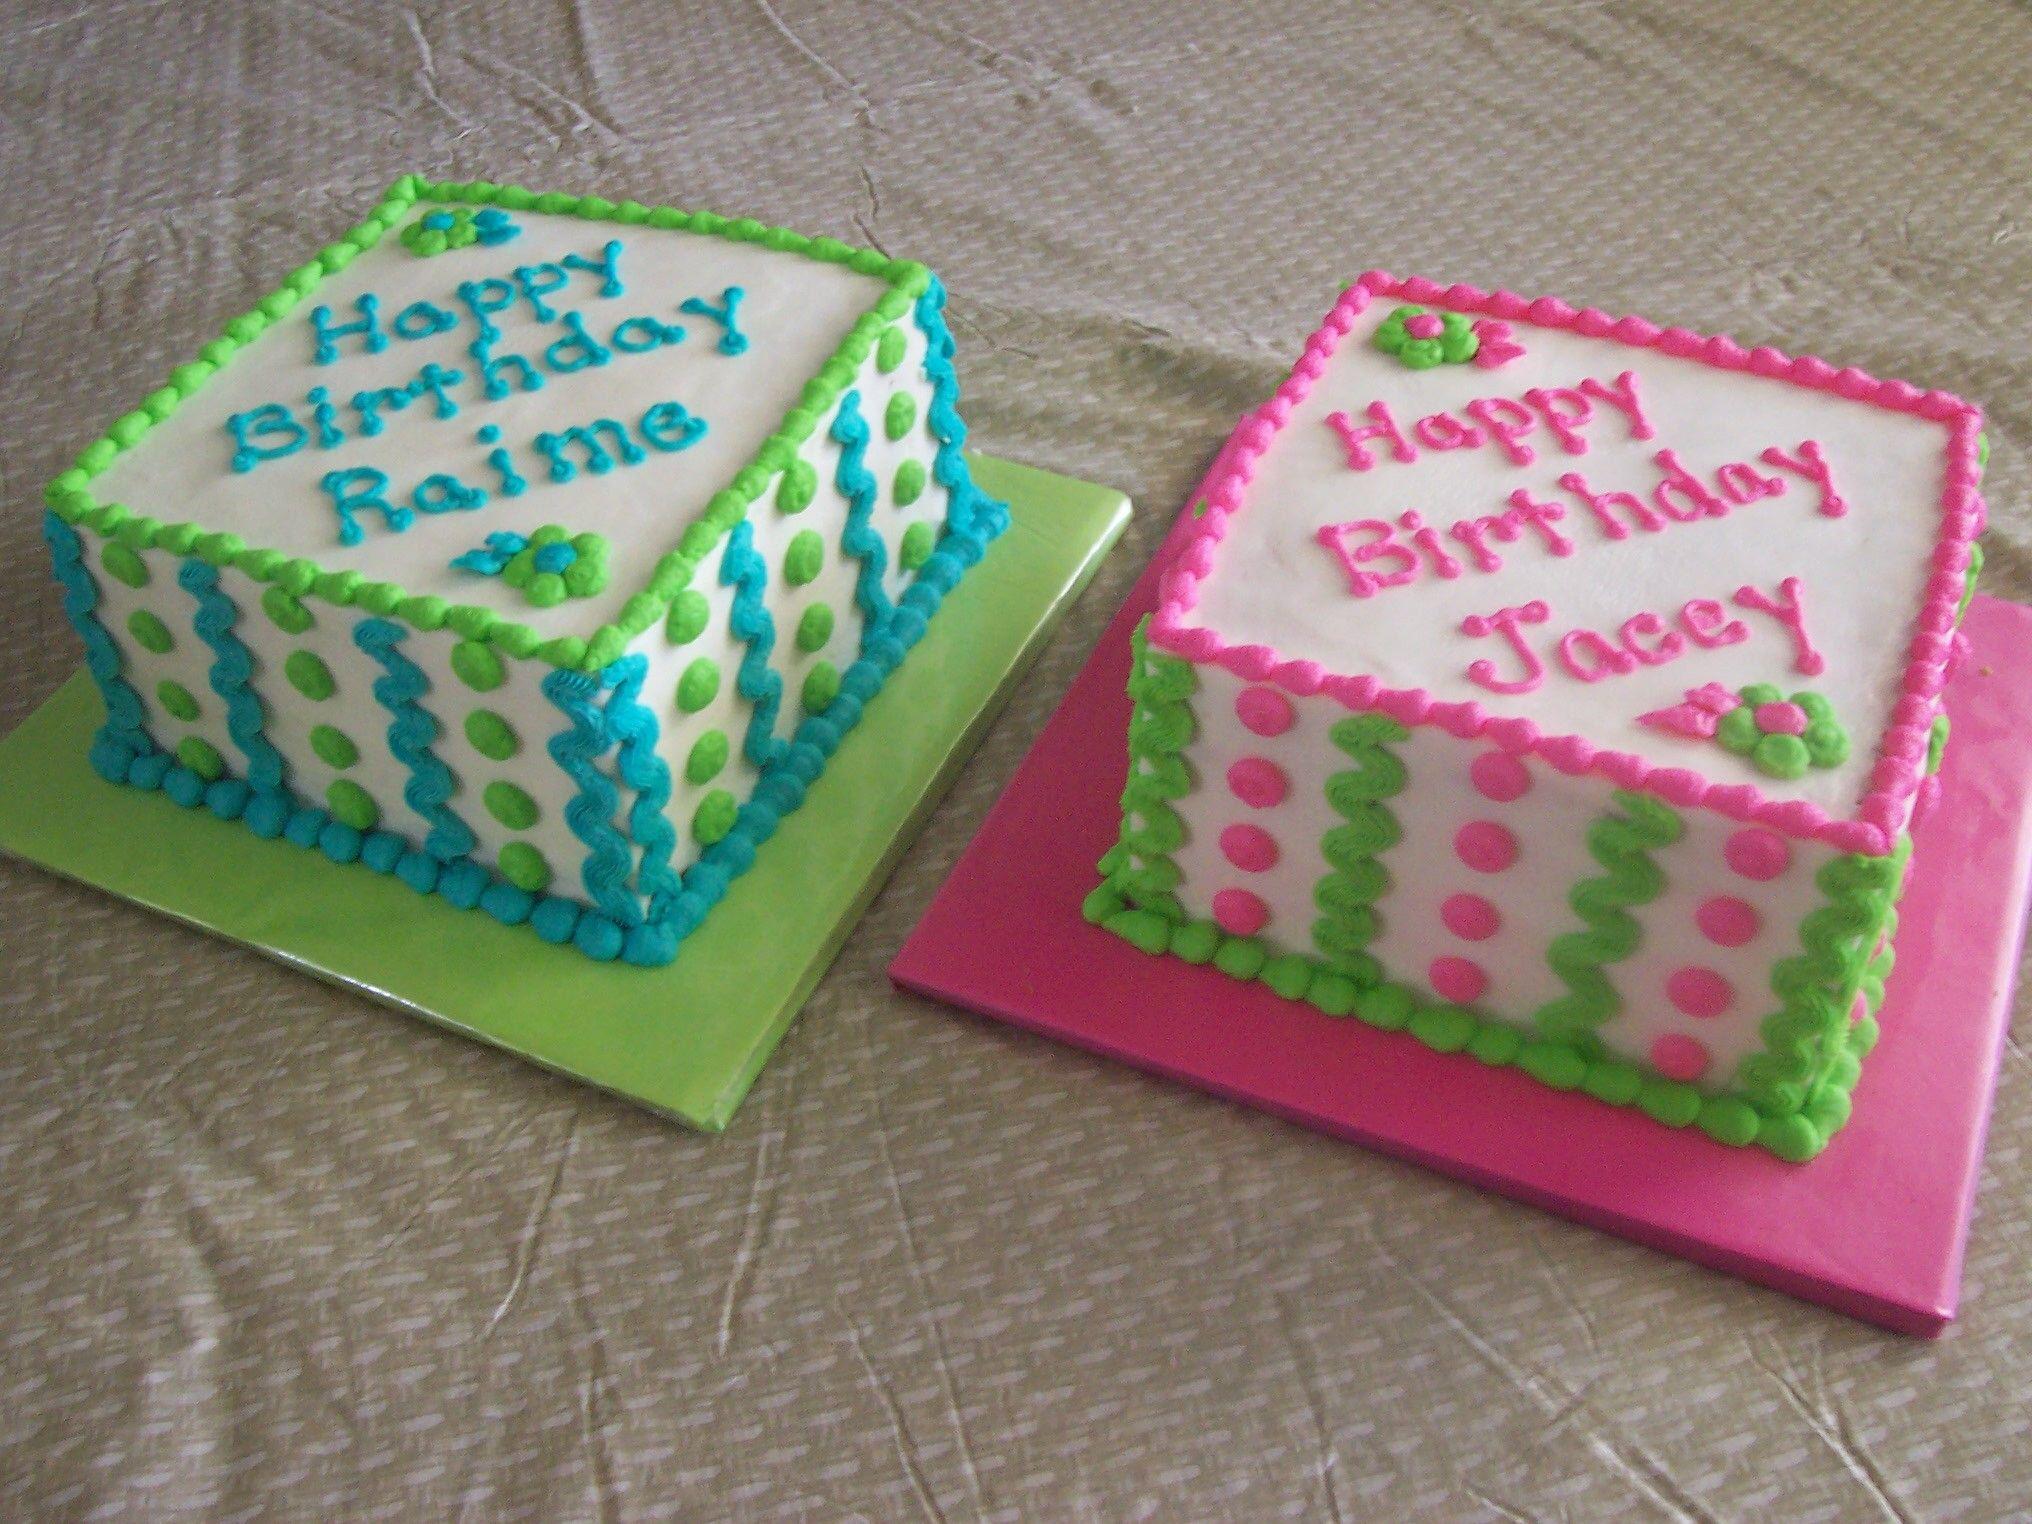 My Son And I Birthday Cake Idea